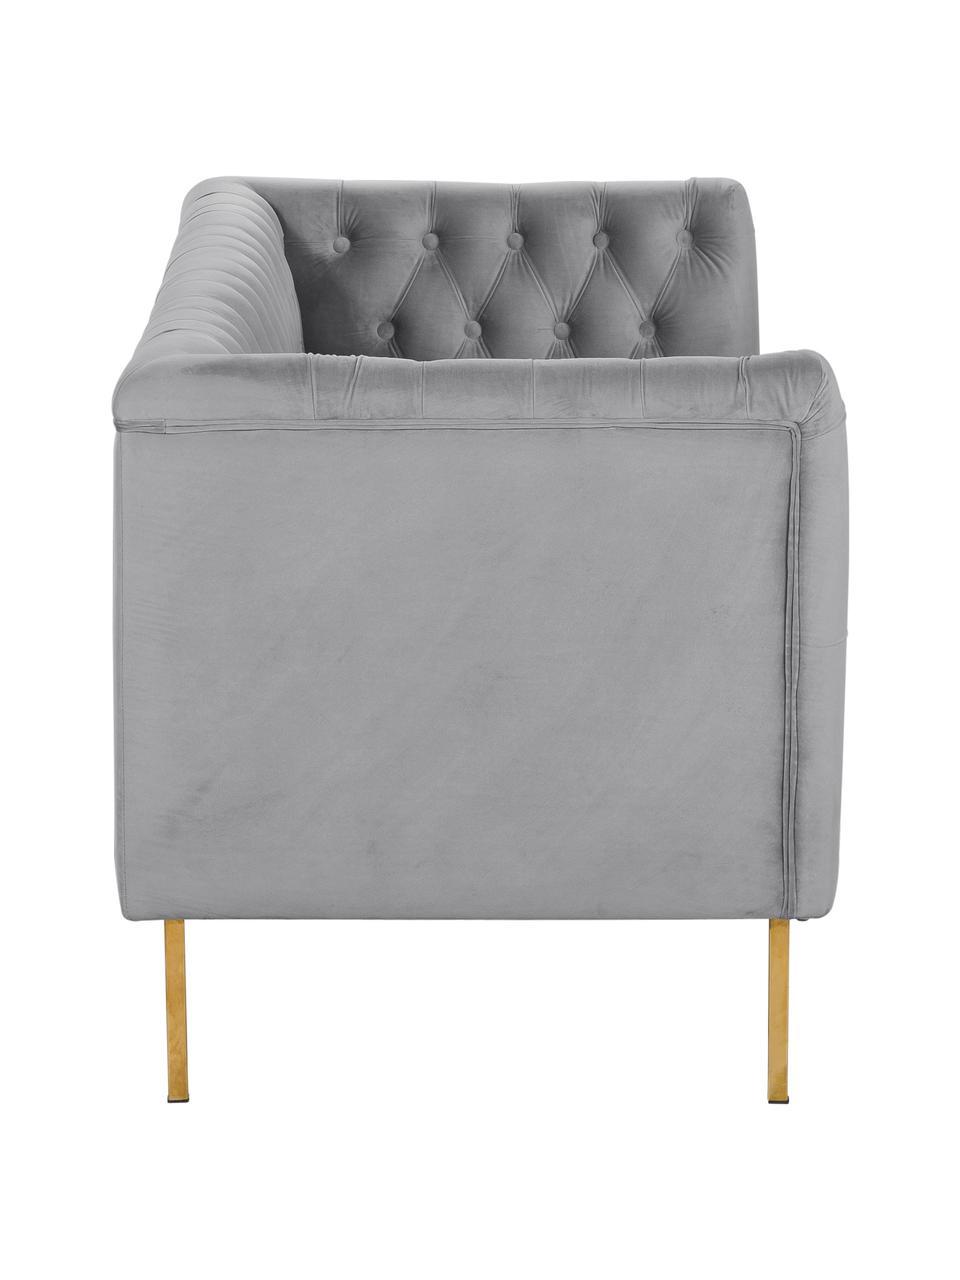 Fluwelen Chesterfield bank Chiara (2-zits) in grijs, Bekleding: fluweel (polyester), Frame: massief berkenhout, Poten: gegalvaniseerd metaal, Fluweel grijs, B 170 x D 72 cm